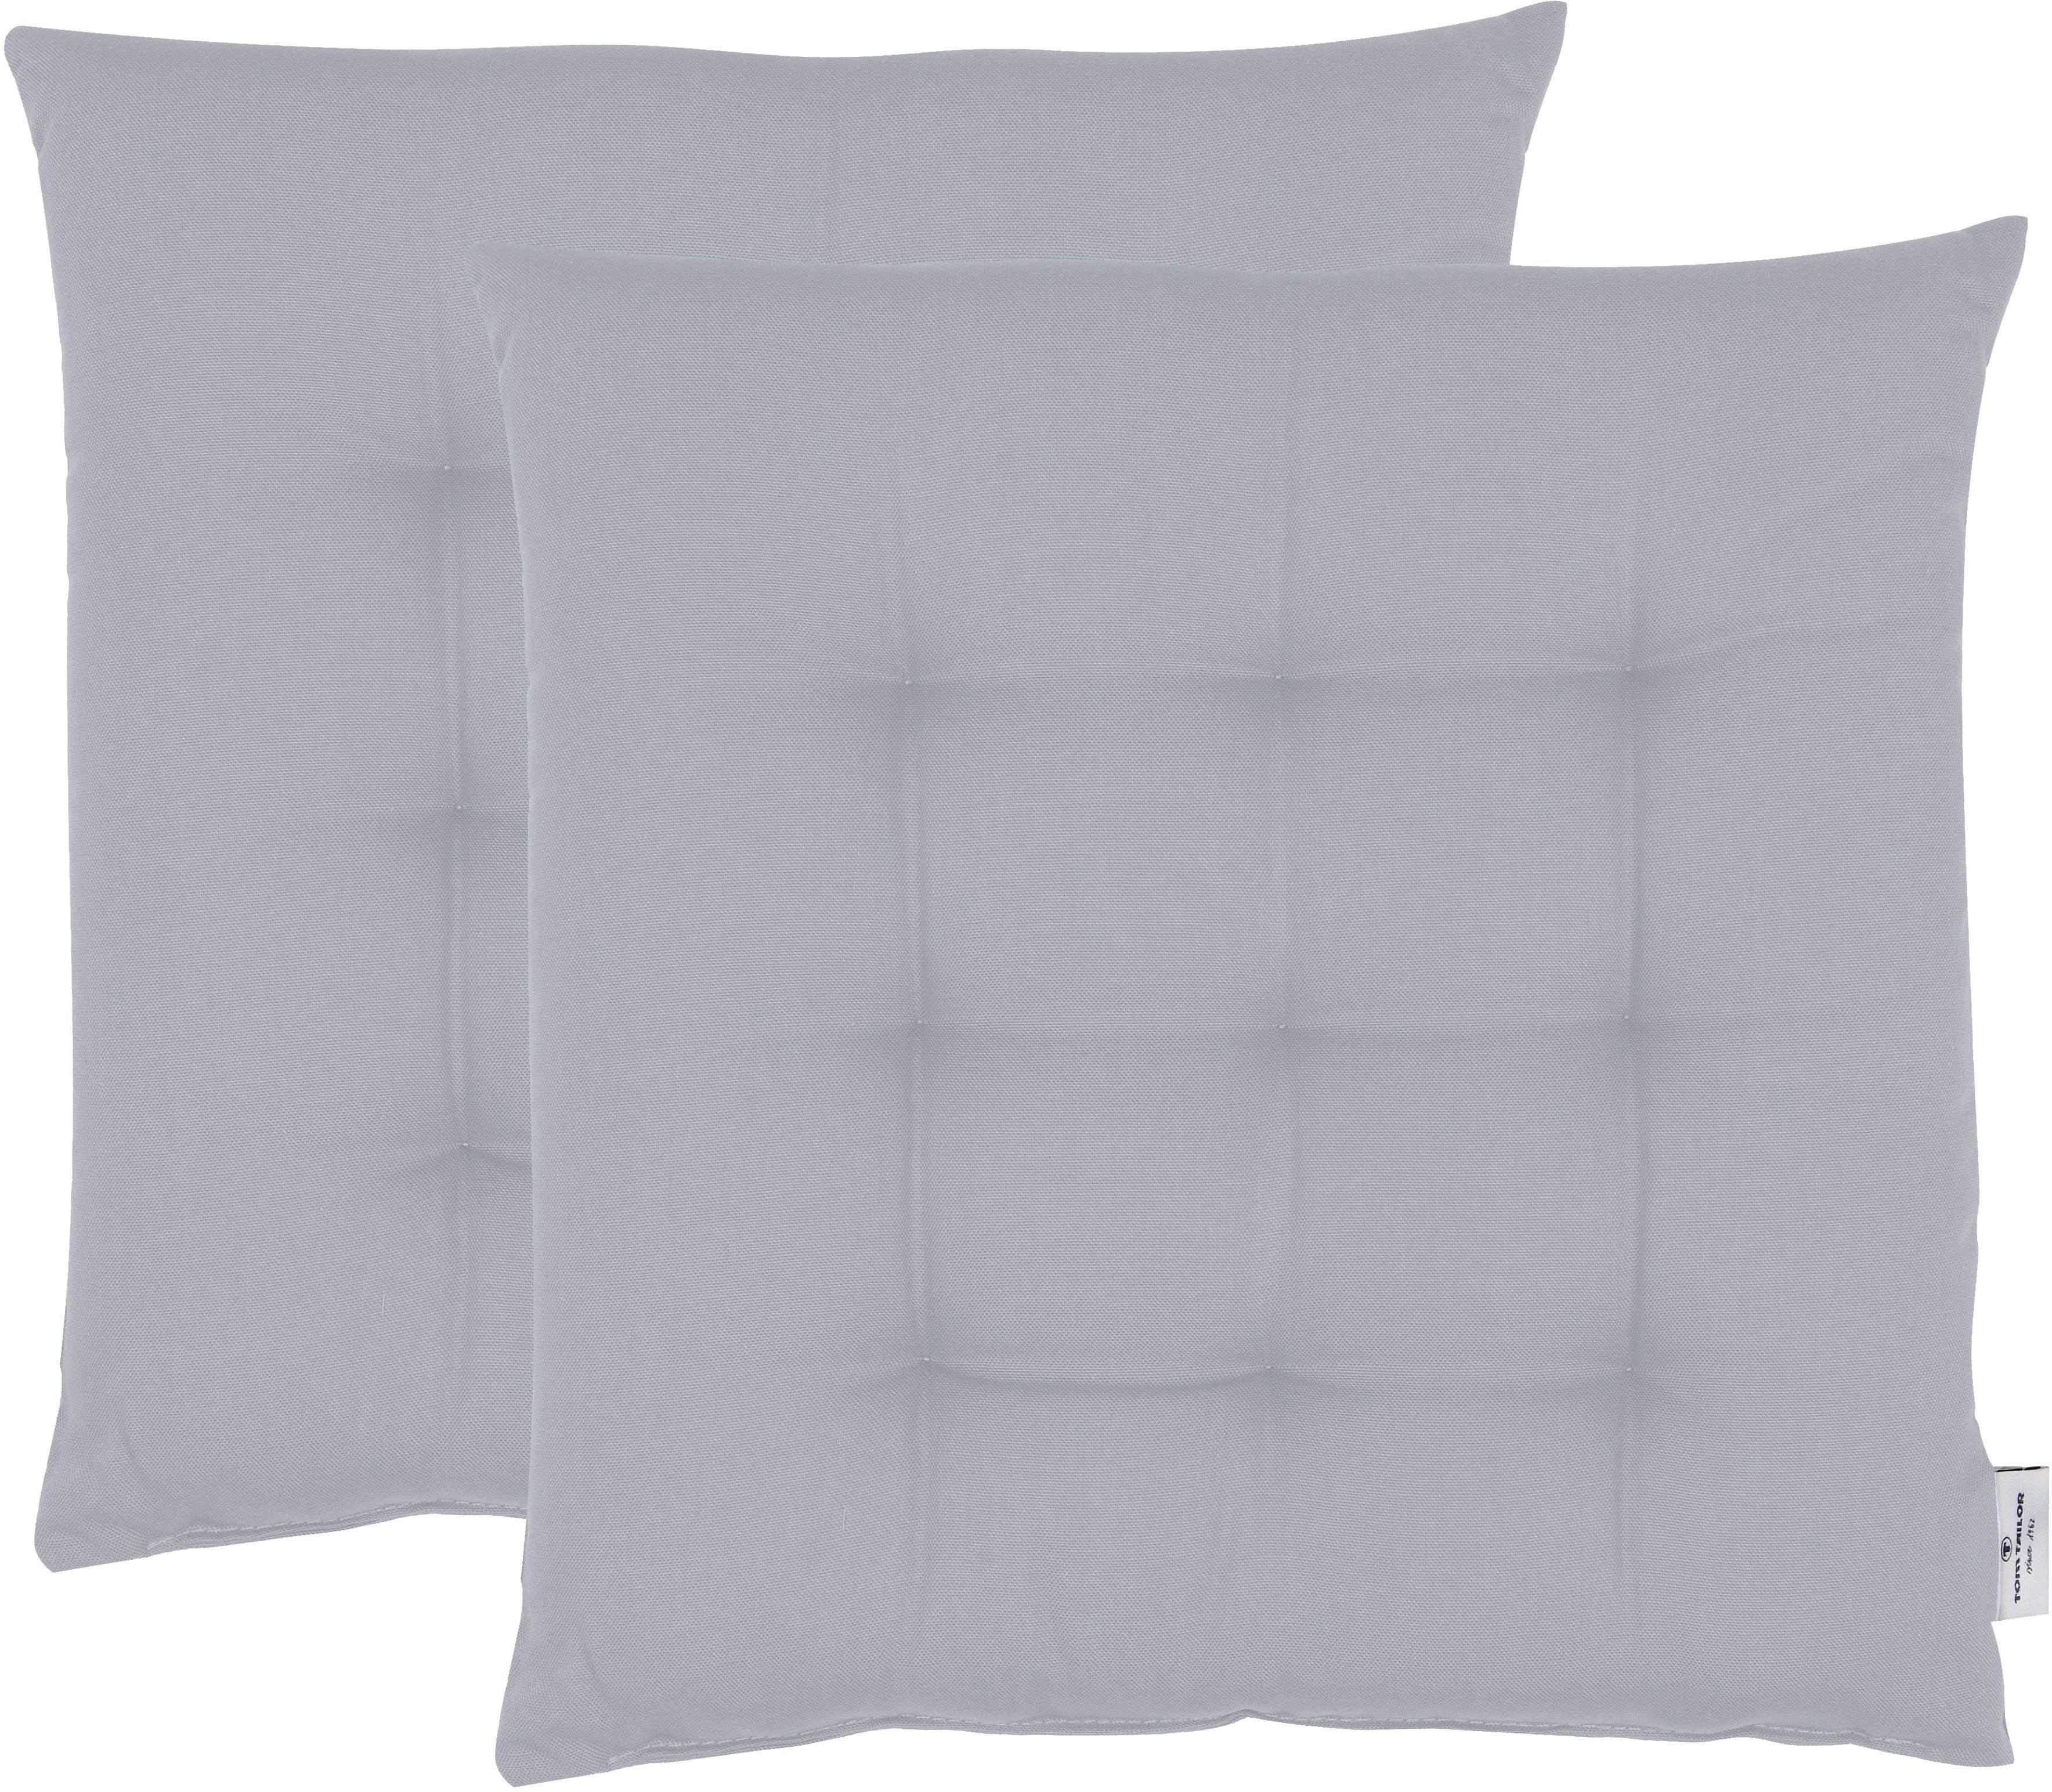 sitzkissen grau preisvergleich die besten angebote online kaufen. Black Bedroom Furniture Sets. Home Design Ideas